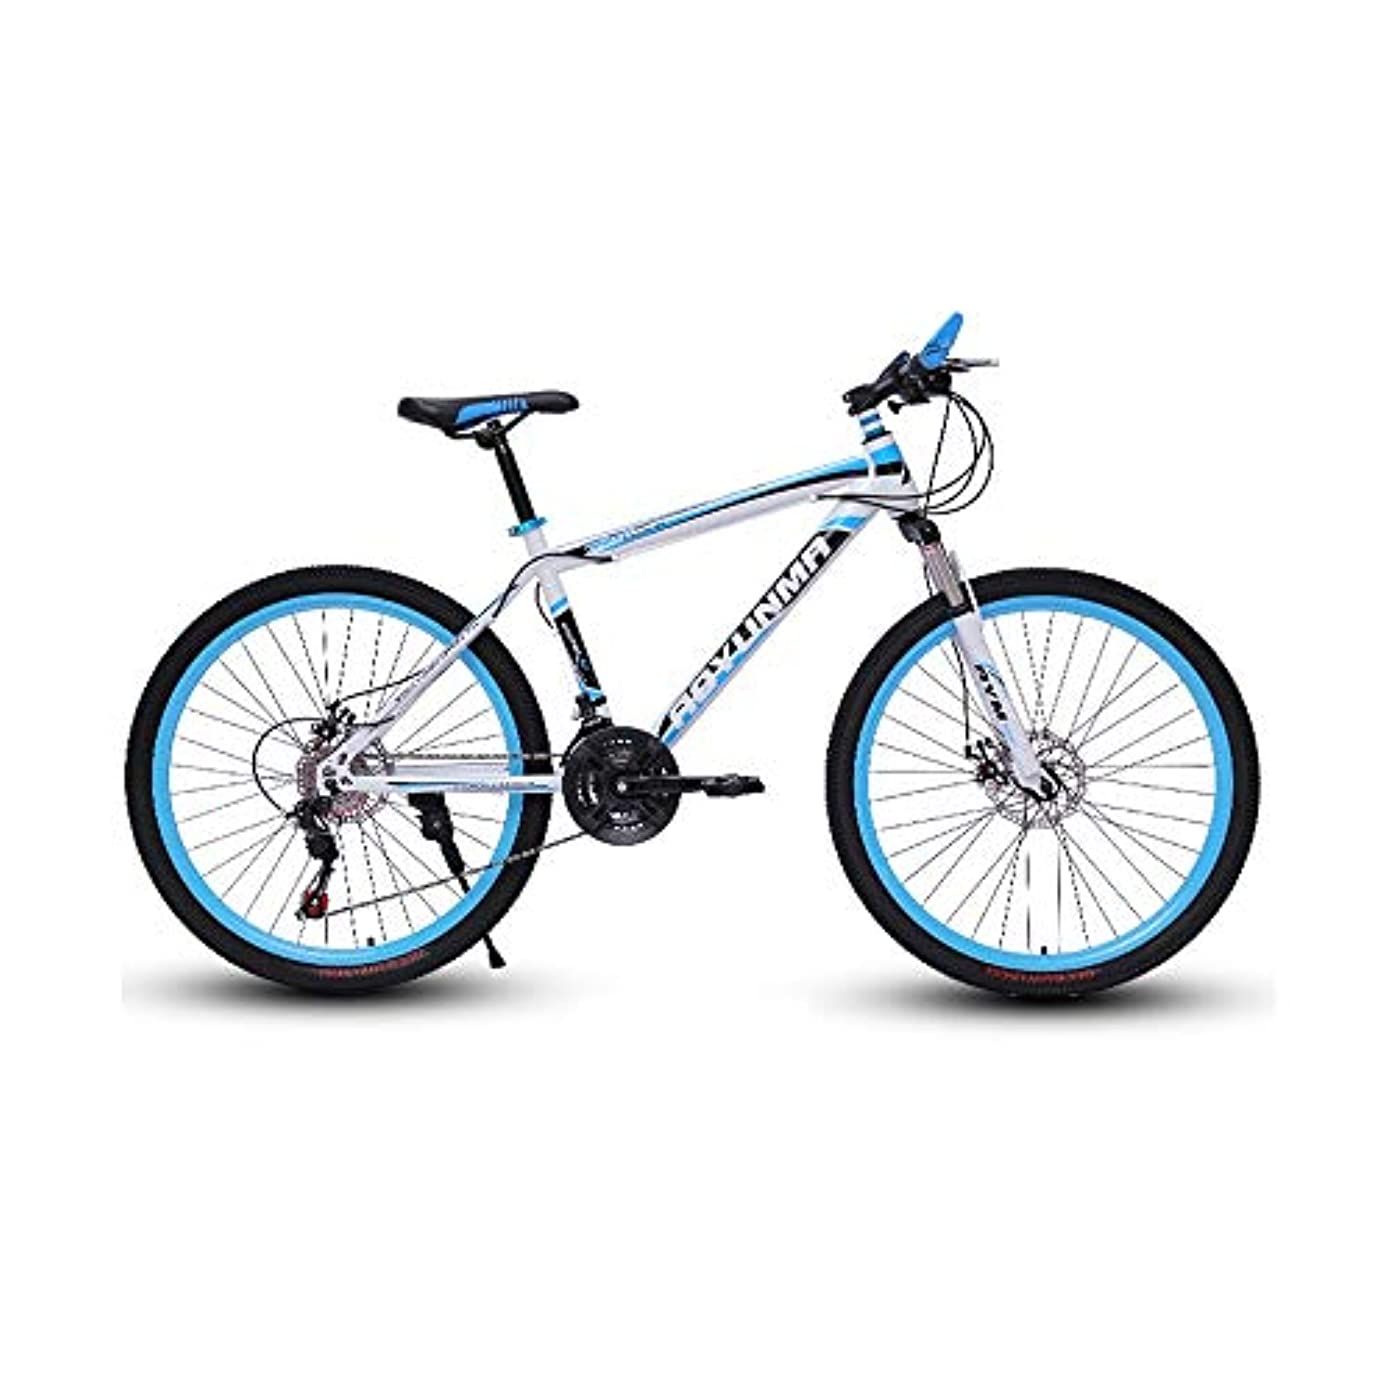 試してみる海里分布LRHD マウンテンバイク24/26インチ21スピード3スポーク高炭素鋼フレーム自転車フォークサスペンション伝送ダンピングアーバントラックバイクオフロードレーシングMTB自転車屋外サイクリング(ブラック、ブルー)